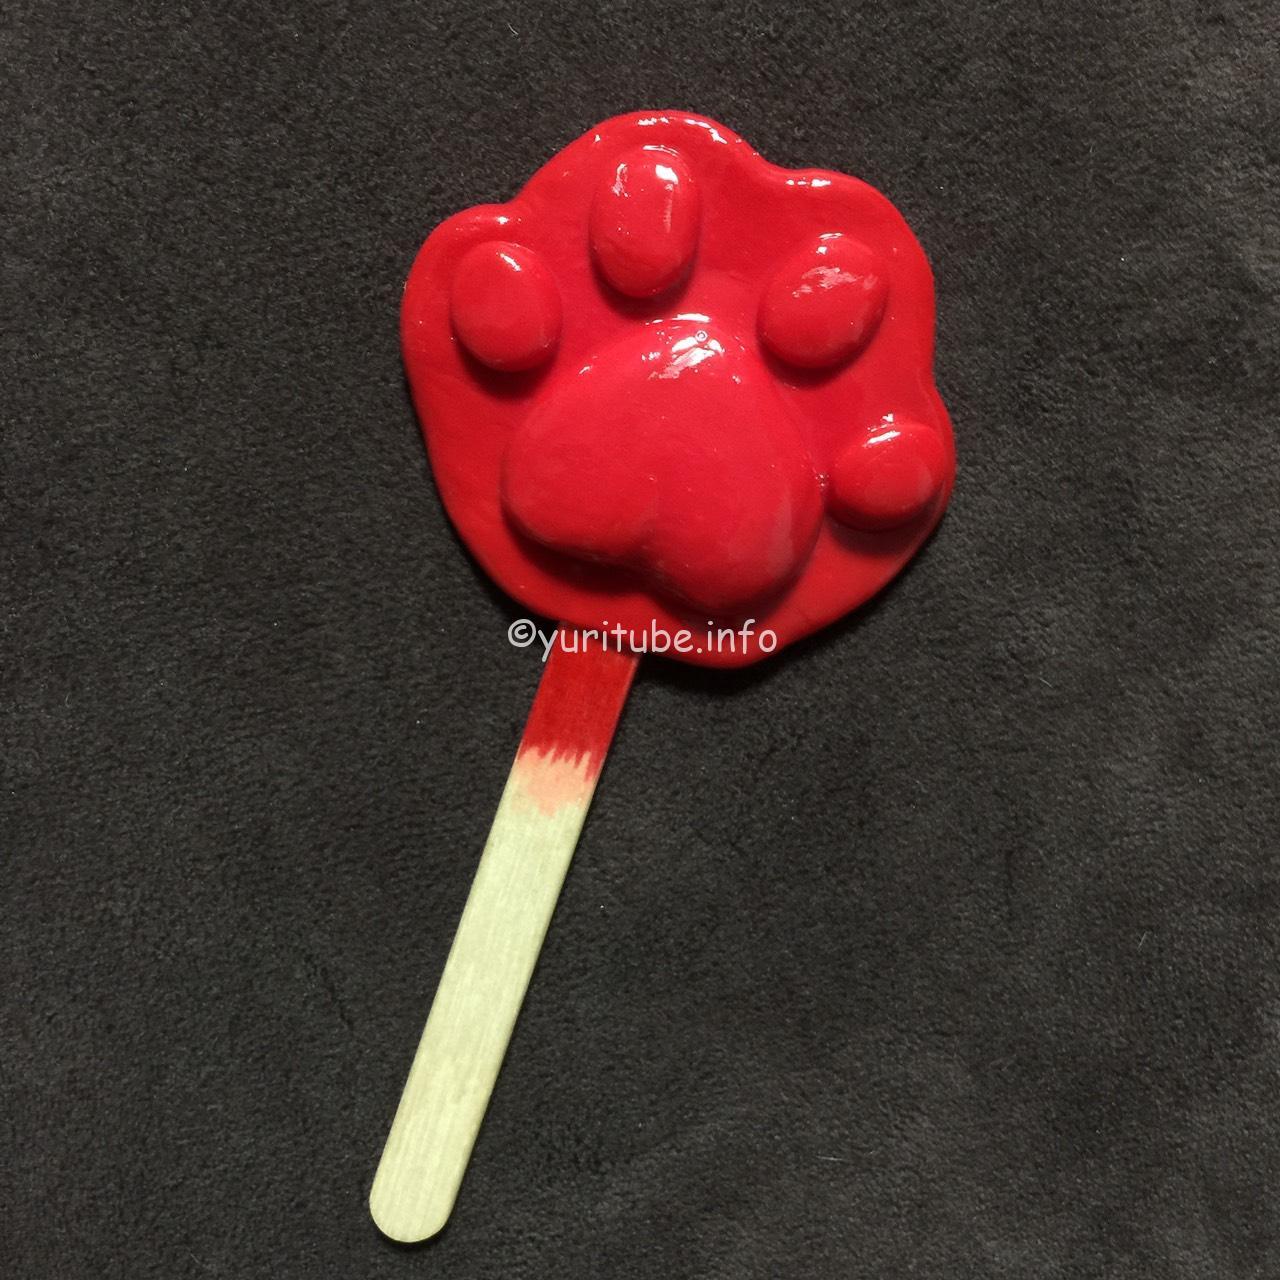 ズートピアのニックコスプレで大活躍の手形アイスキャンディーを100均グッズだけで手作りしてみた